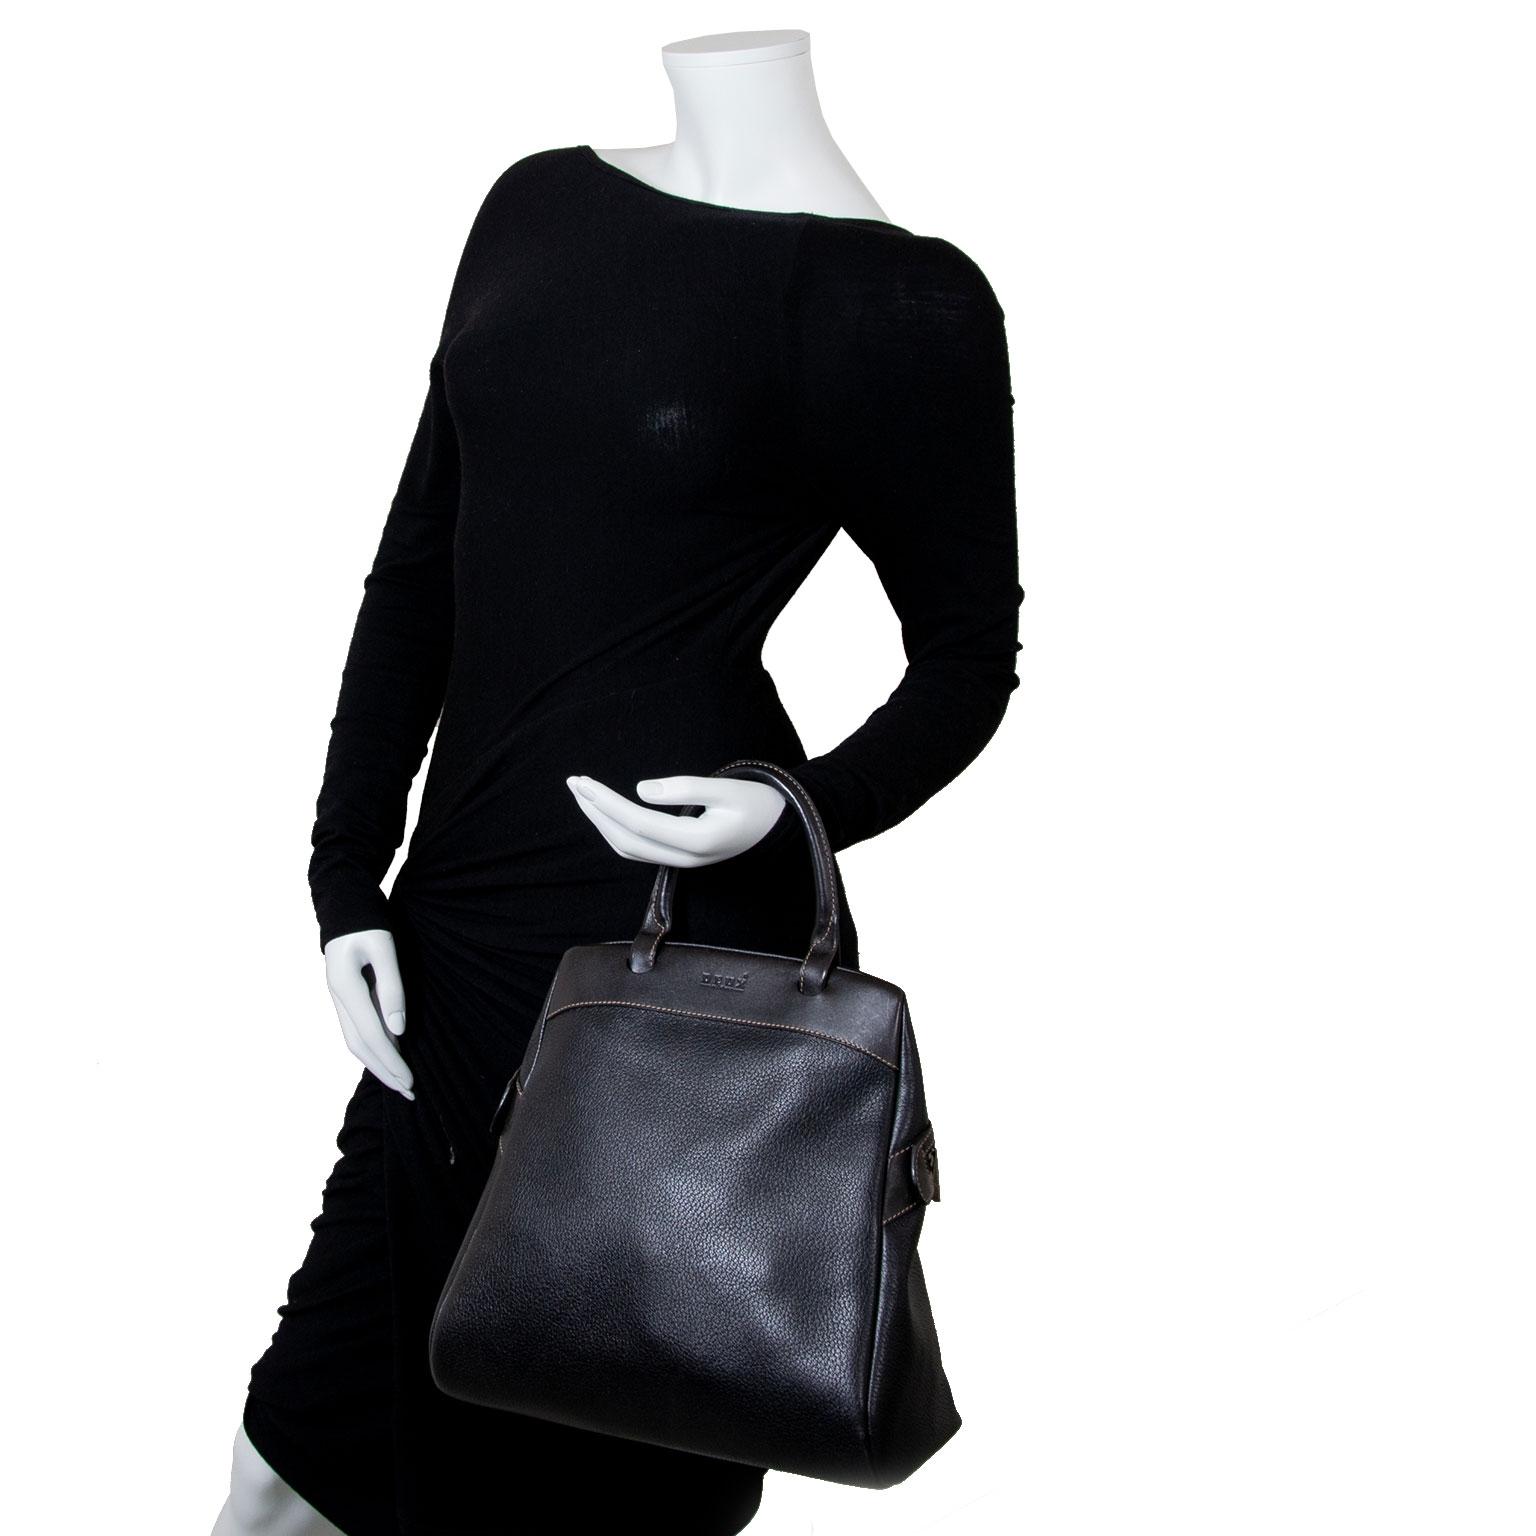 ... Bag for sale at Labellov secondhand luxury in Koop en verkoop uw  authentieke designer handtassen en accessoires aan de beste prijs bij  Labellov d8bfc8e339fcb